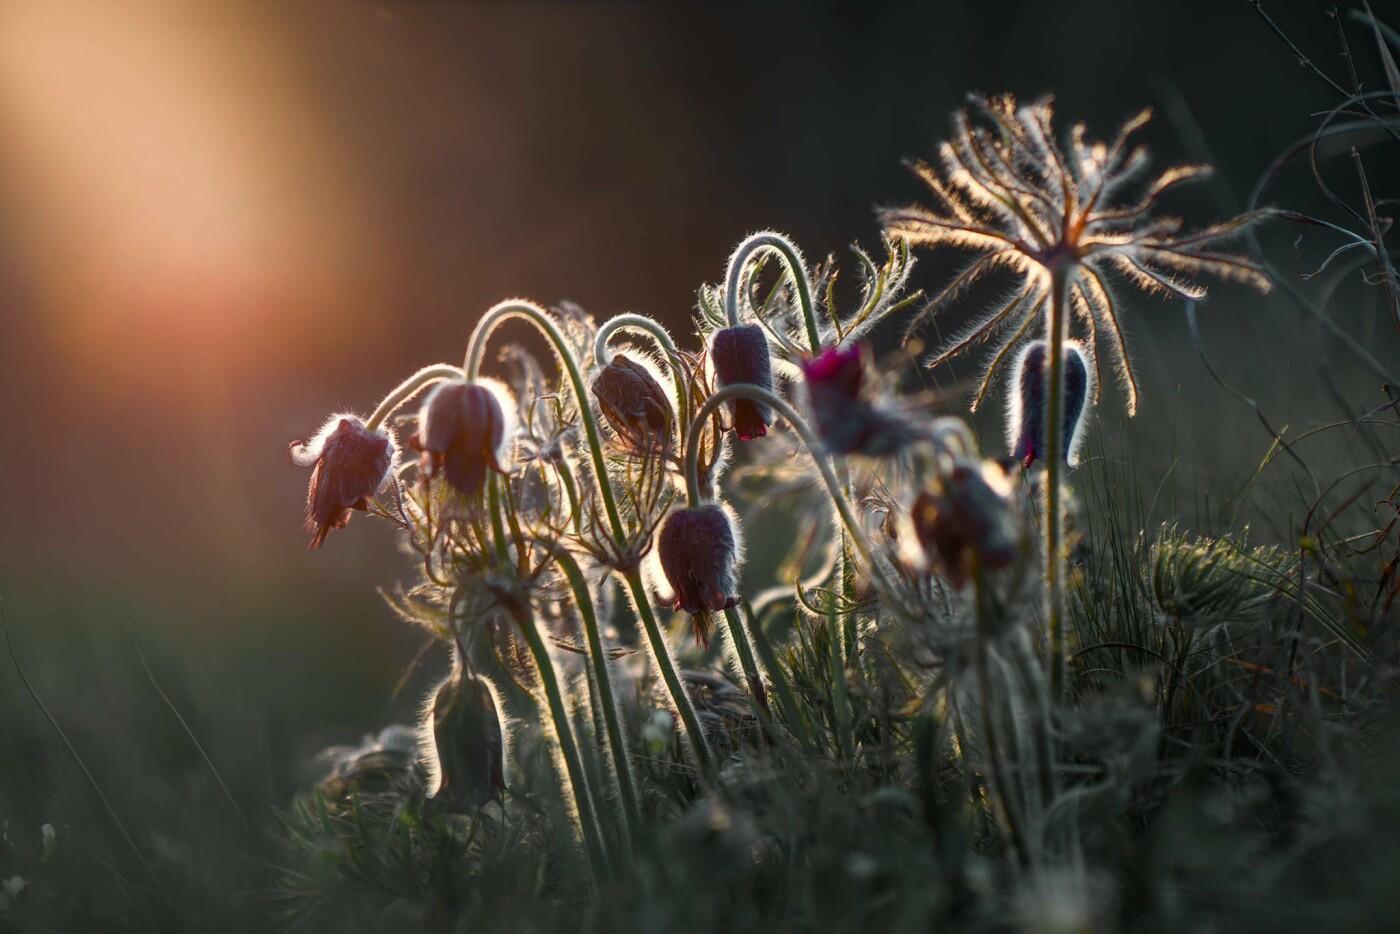 На закате и после грозы: запорожские фотографы делятся снимками цветущей Хортицы, - ФОТО, фото-7